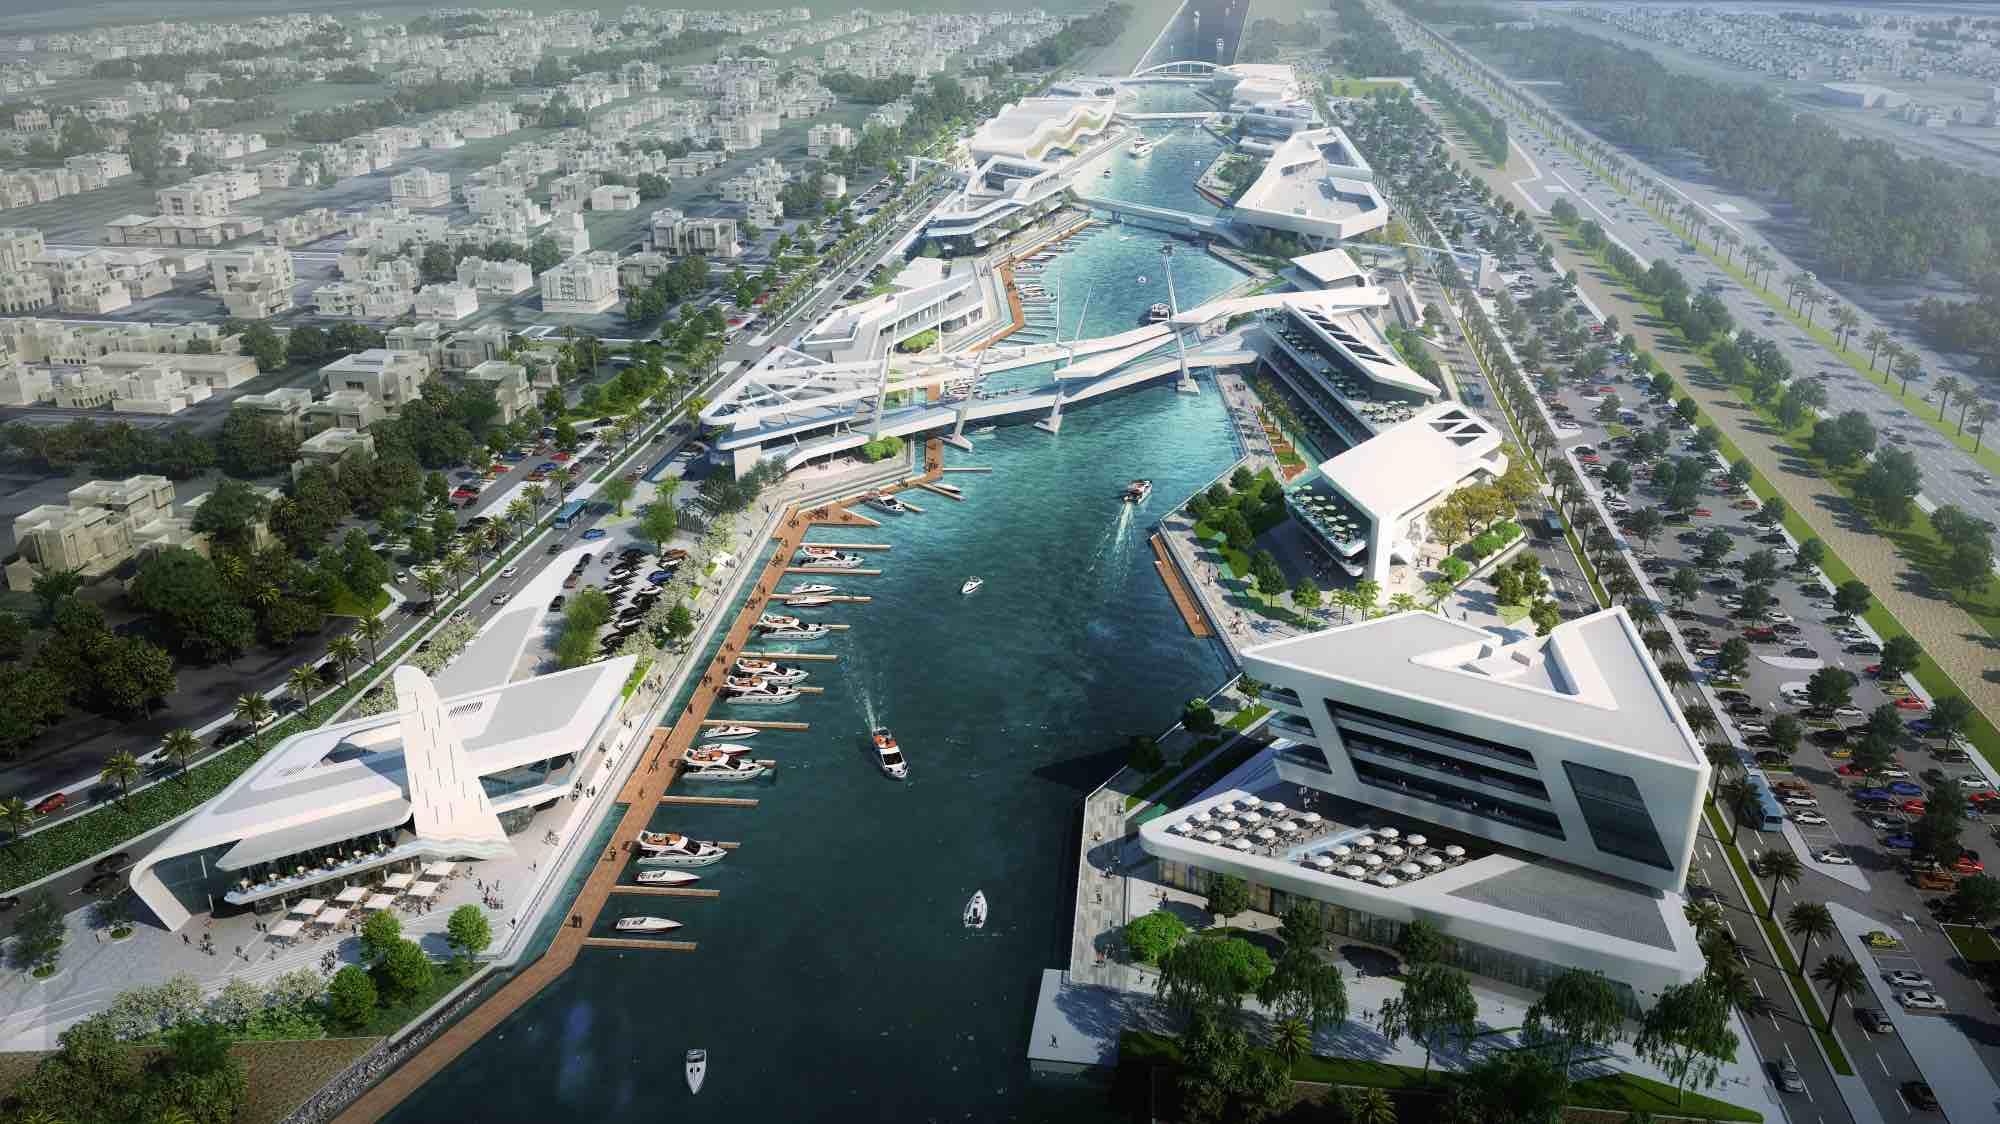 Neues Freizeit- und Unterhaltungsviertel in Abu Dhabi kurz vor Fertigstellung